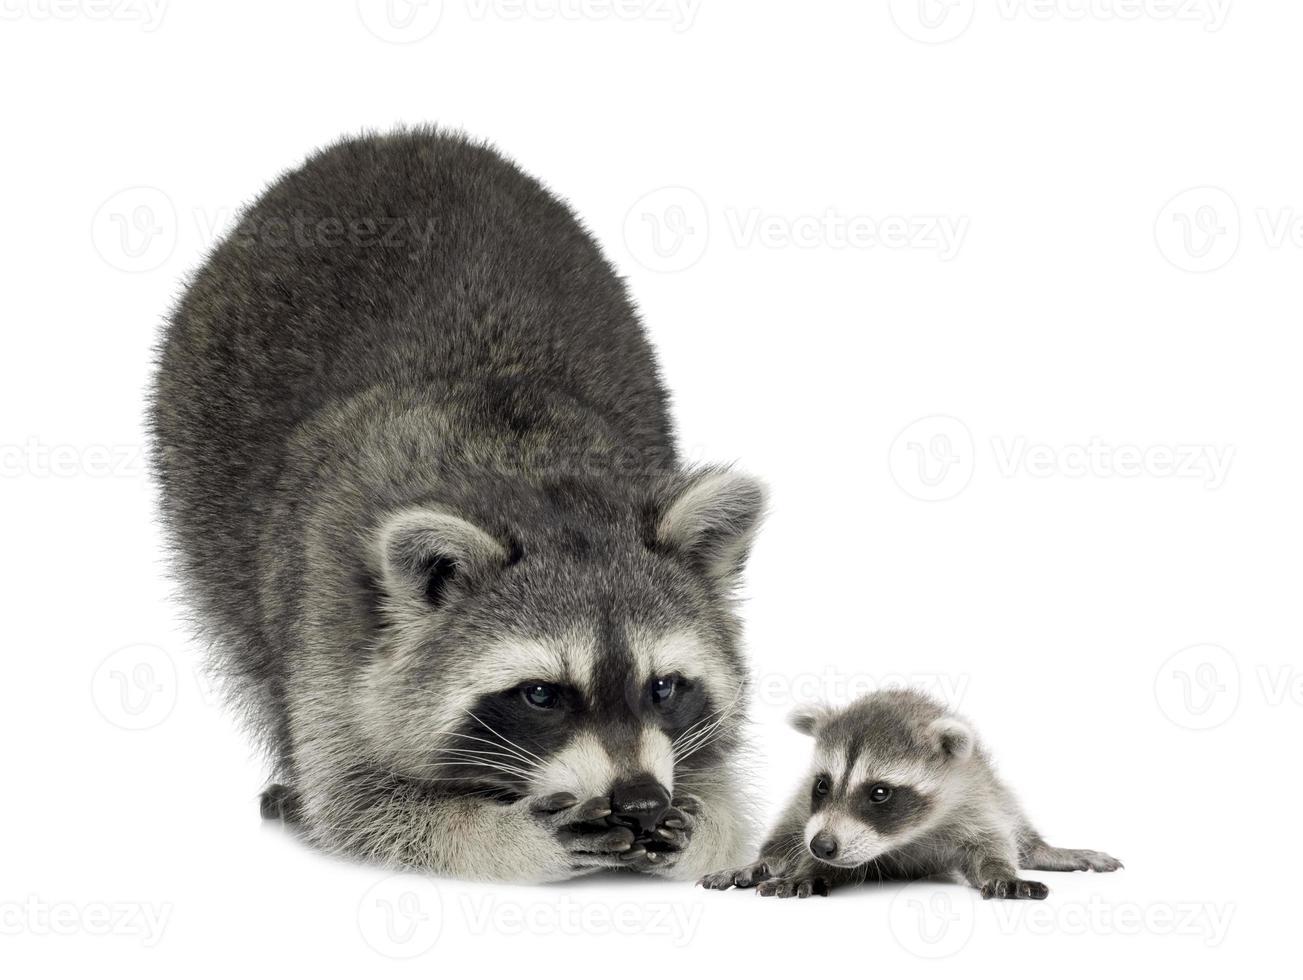 guaxinim e seu bebê - procyon lotor foto